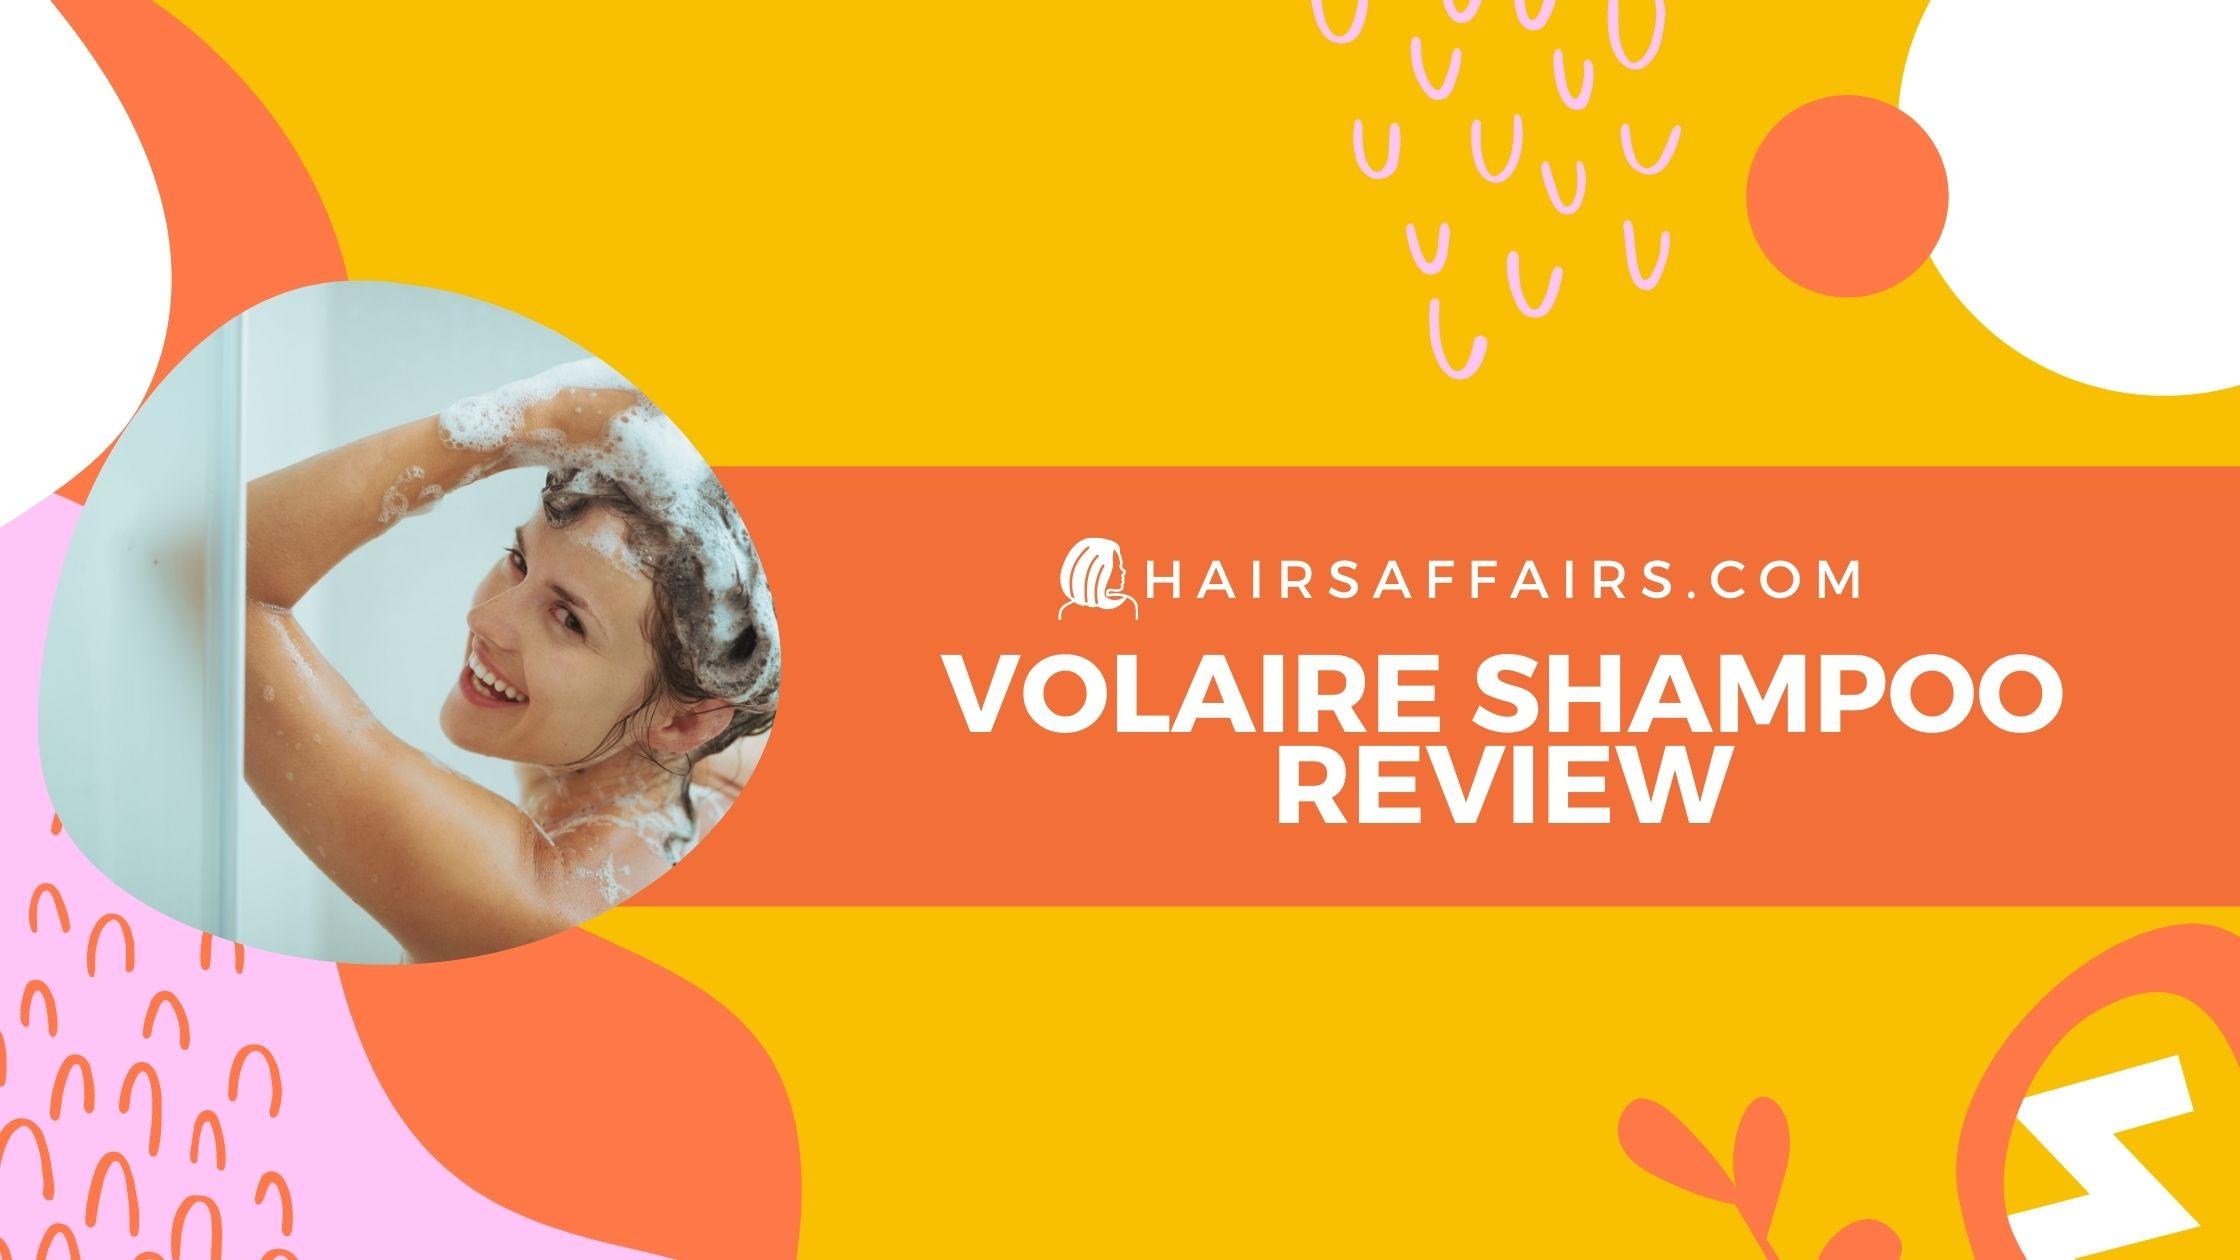 HA-Volaire-Shampoo-Review